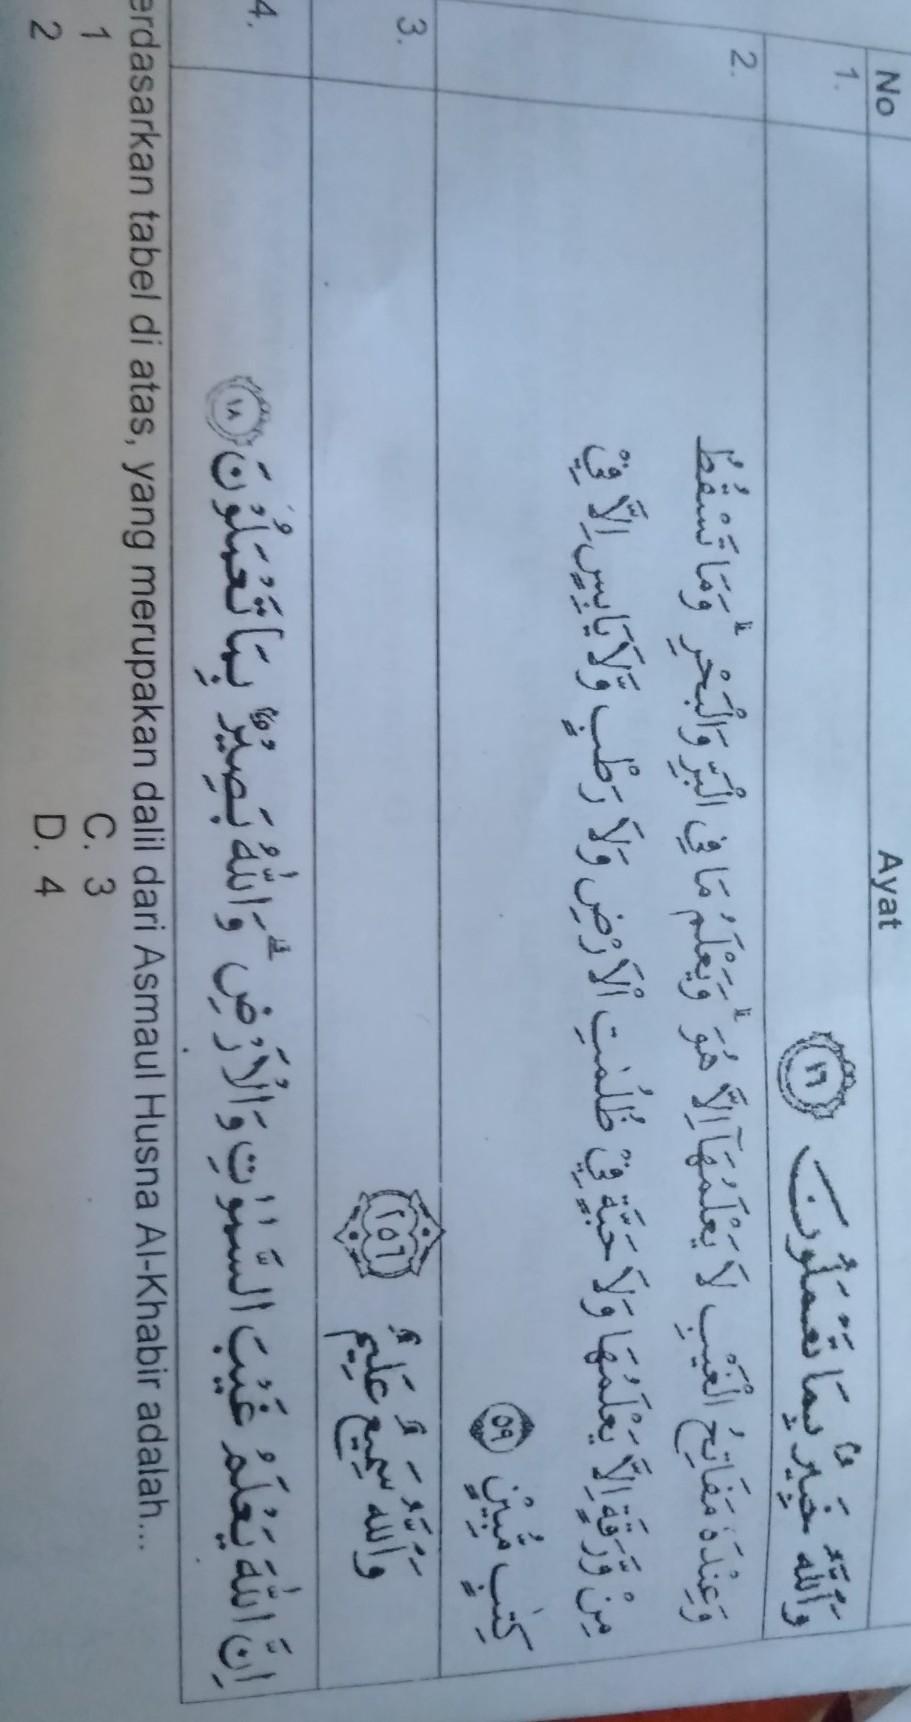 Al Khabir Artinya : khabir, artinya, Berdasarkan, Tabel, Diatas, Merupakan, Dalil, Asmaul, Husna, Khabir, Adalah, Brainly.co.id